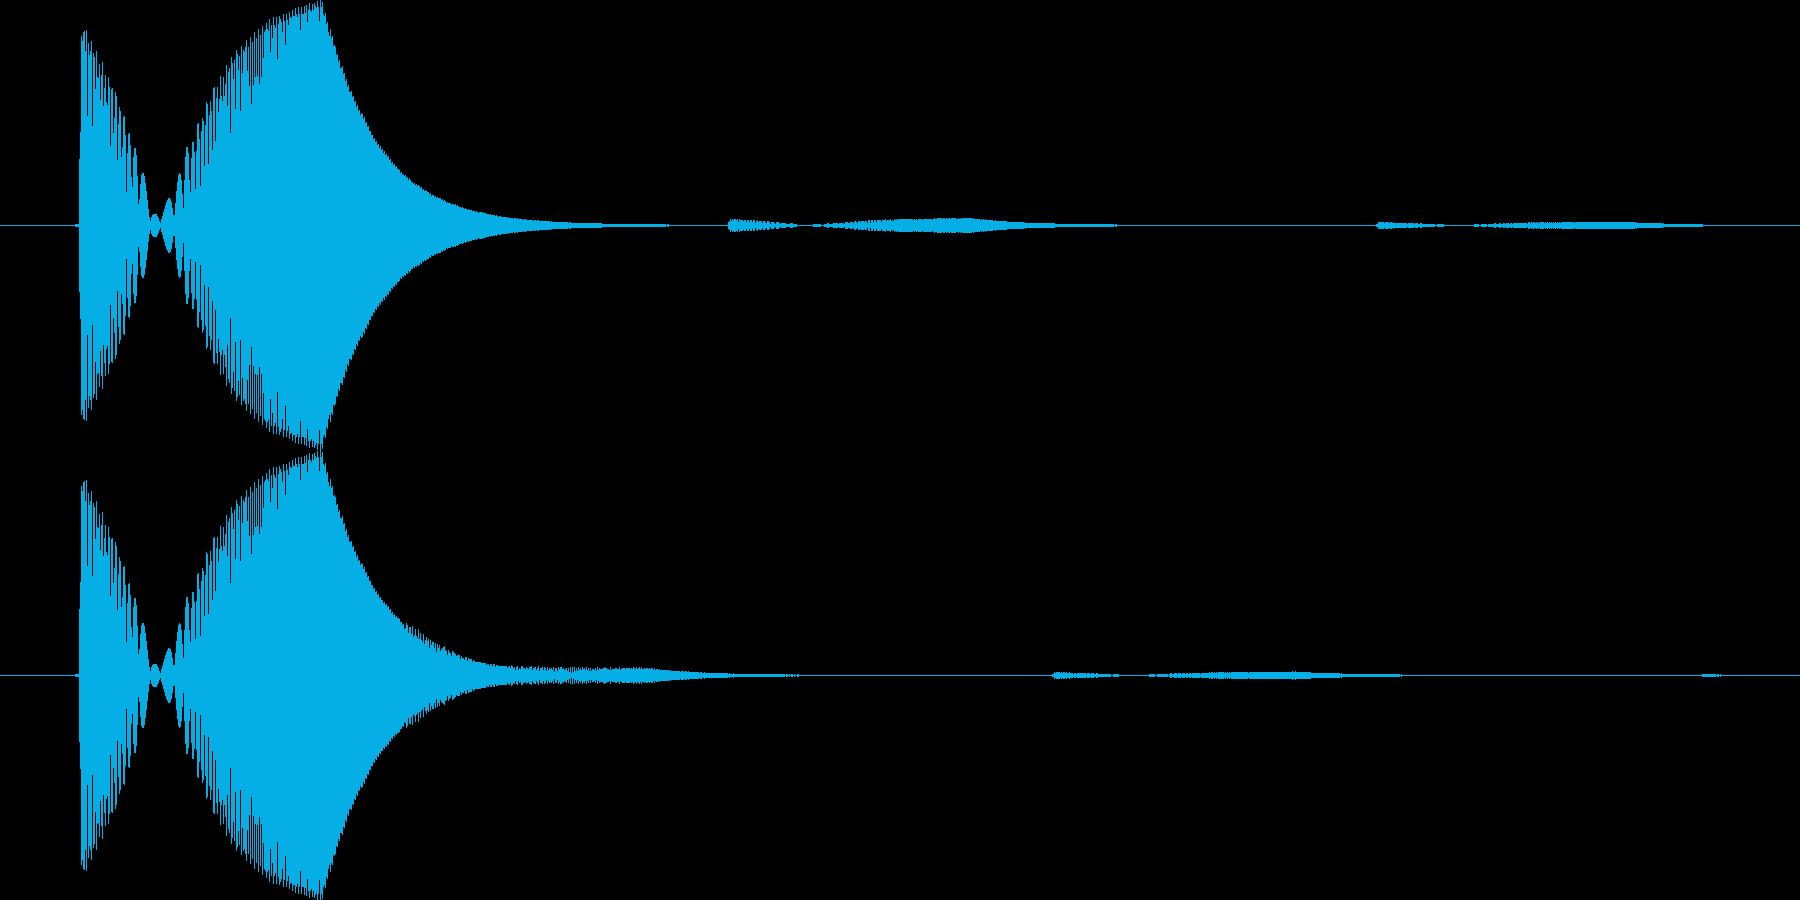 ゲーム・アプリSEカーソル移動の再生済みの波形